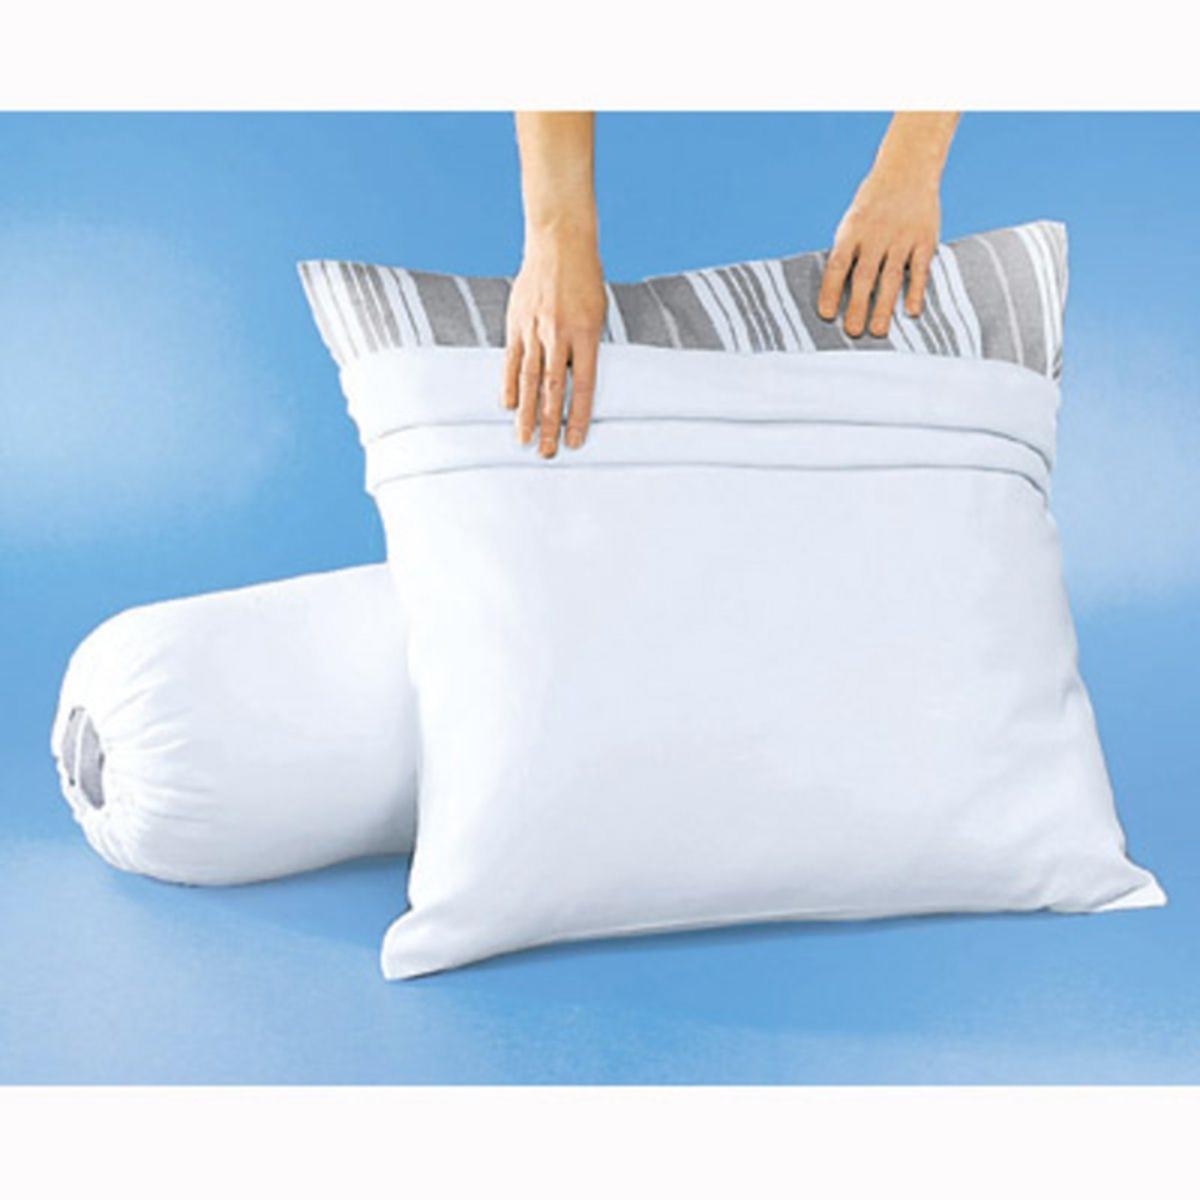 Чехол защитный на подушку из мольтона с обработкой Teflon против пятен чехол защитный для подушки из стретч мольтона